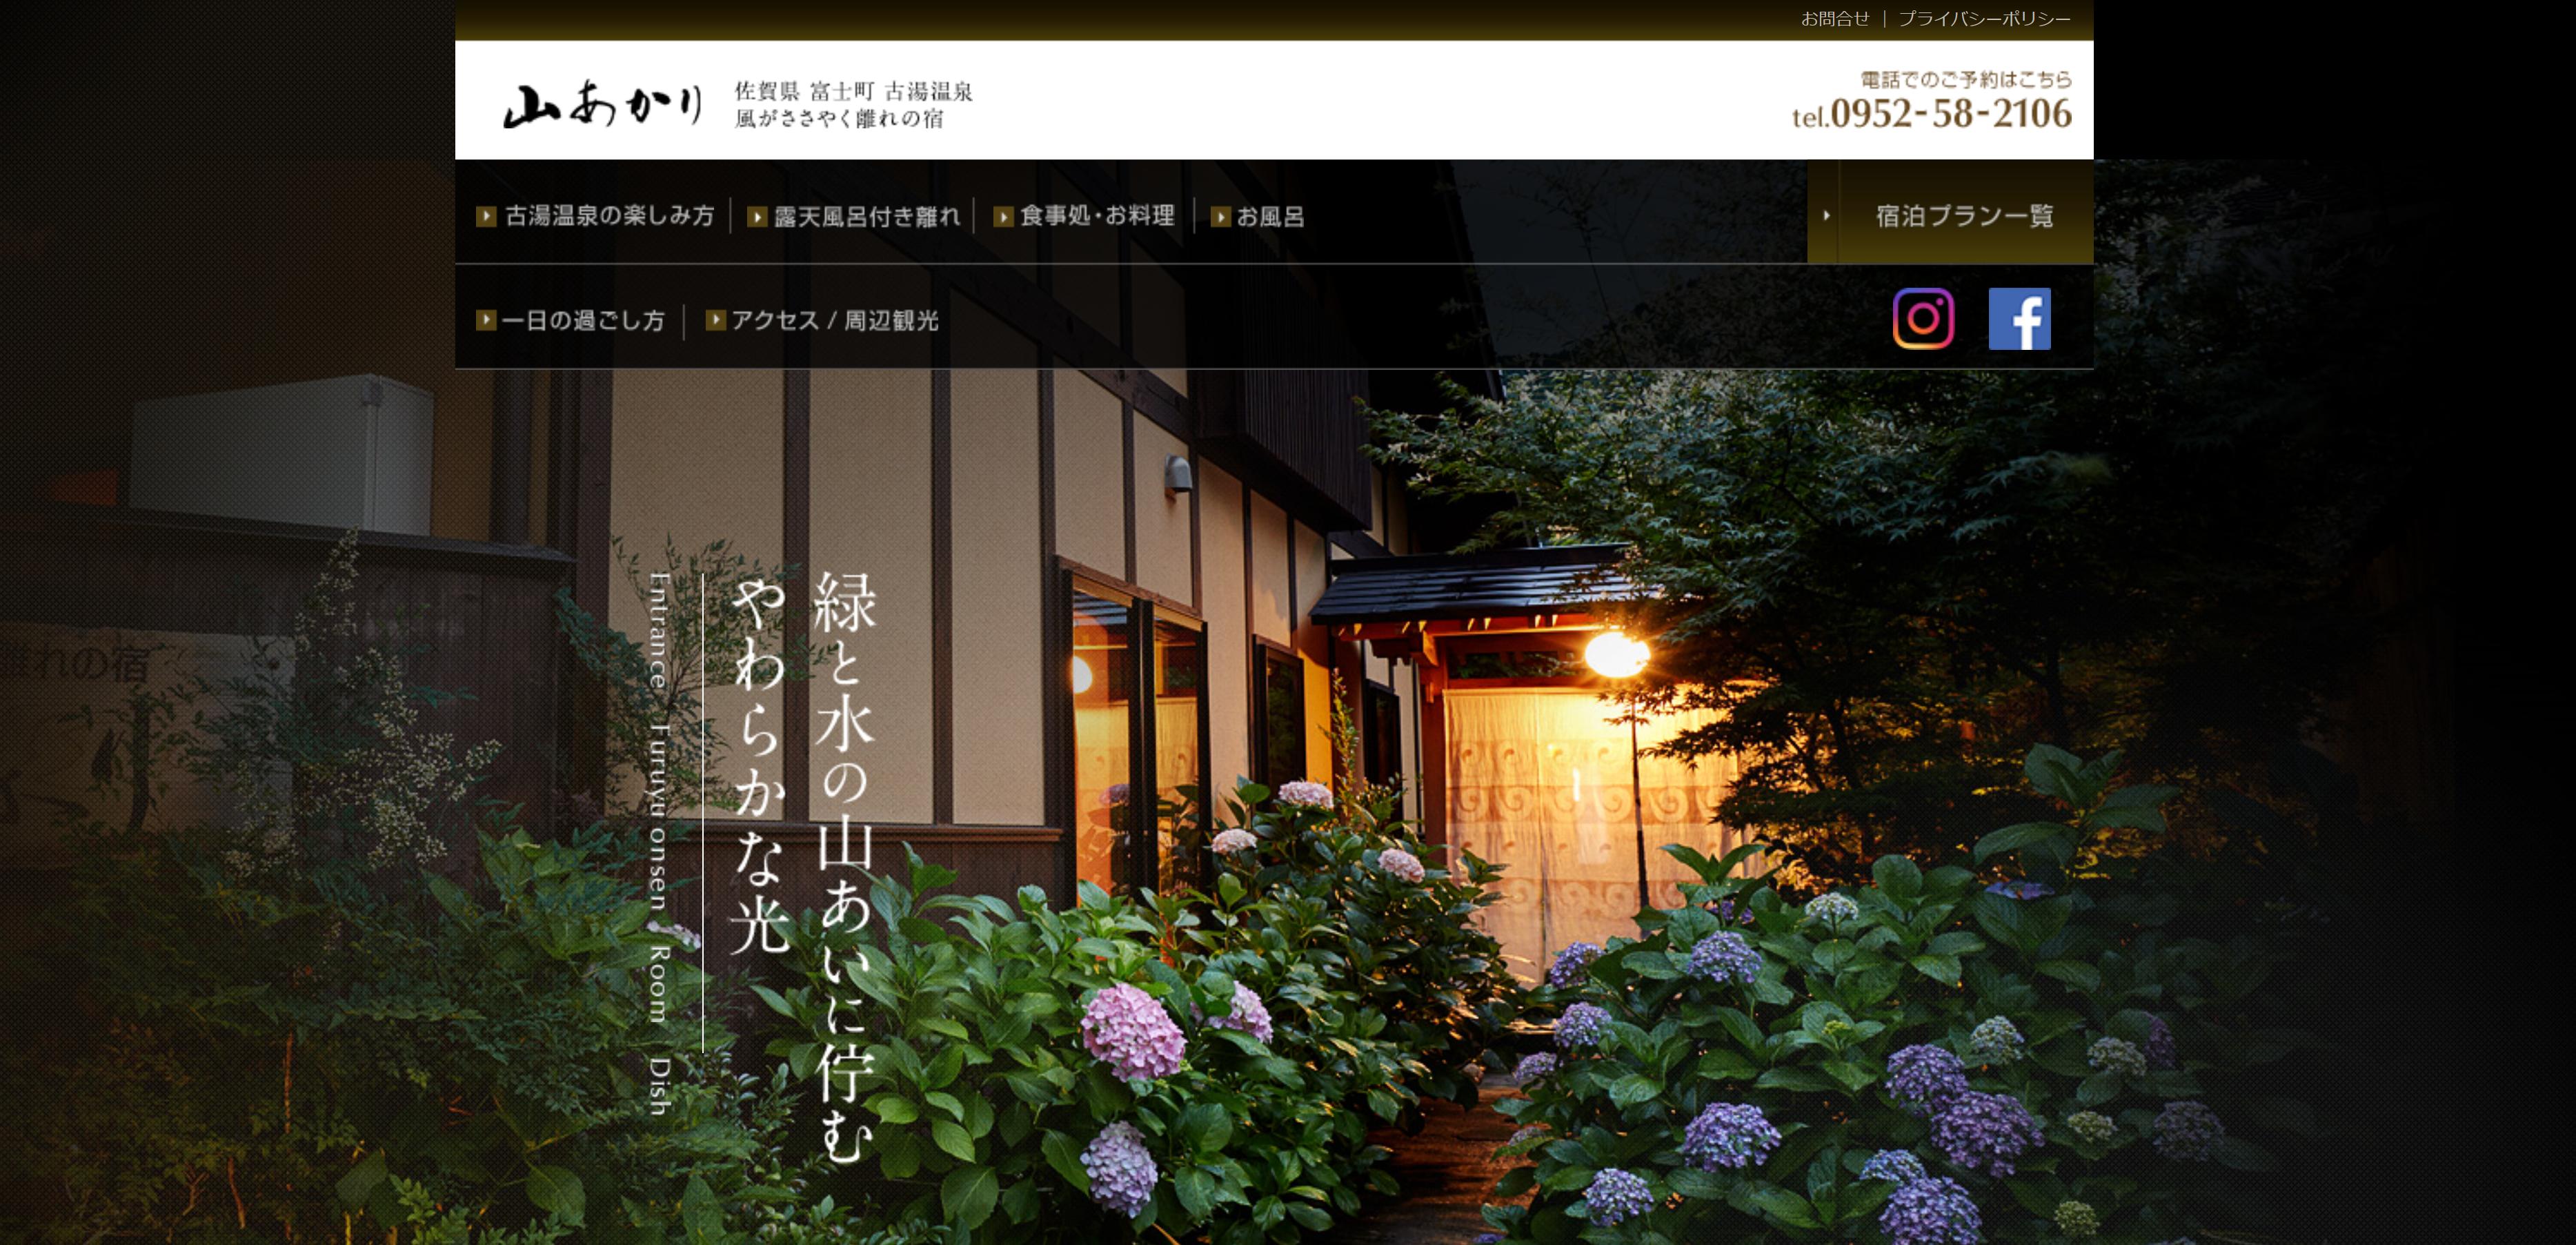 山あかりホームページ画像